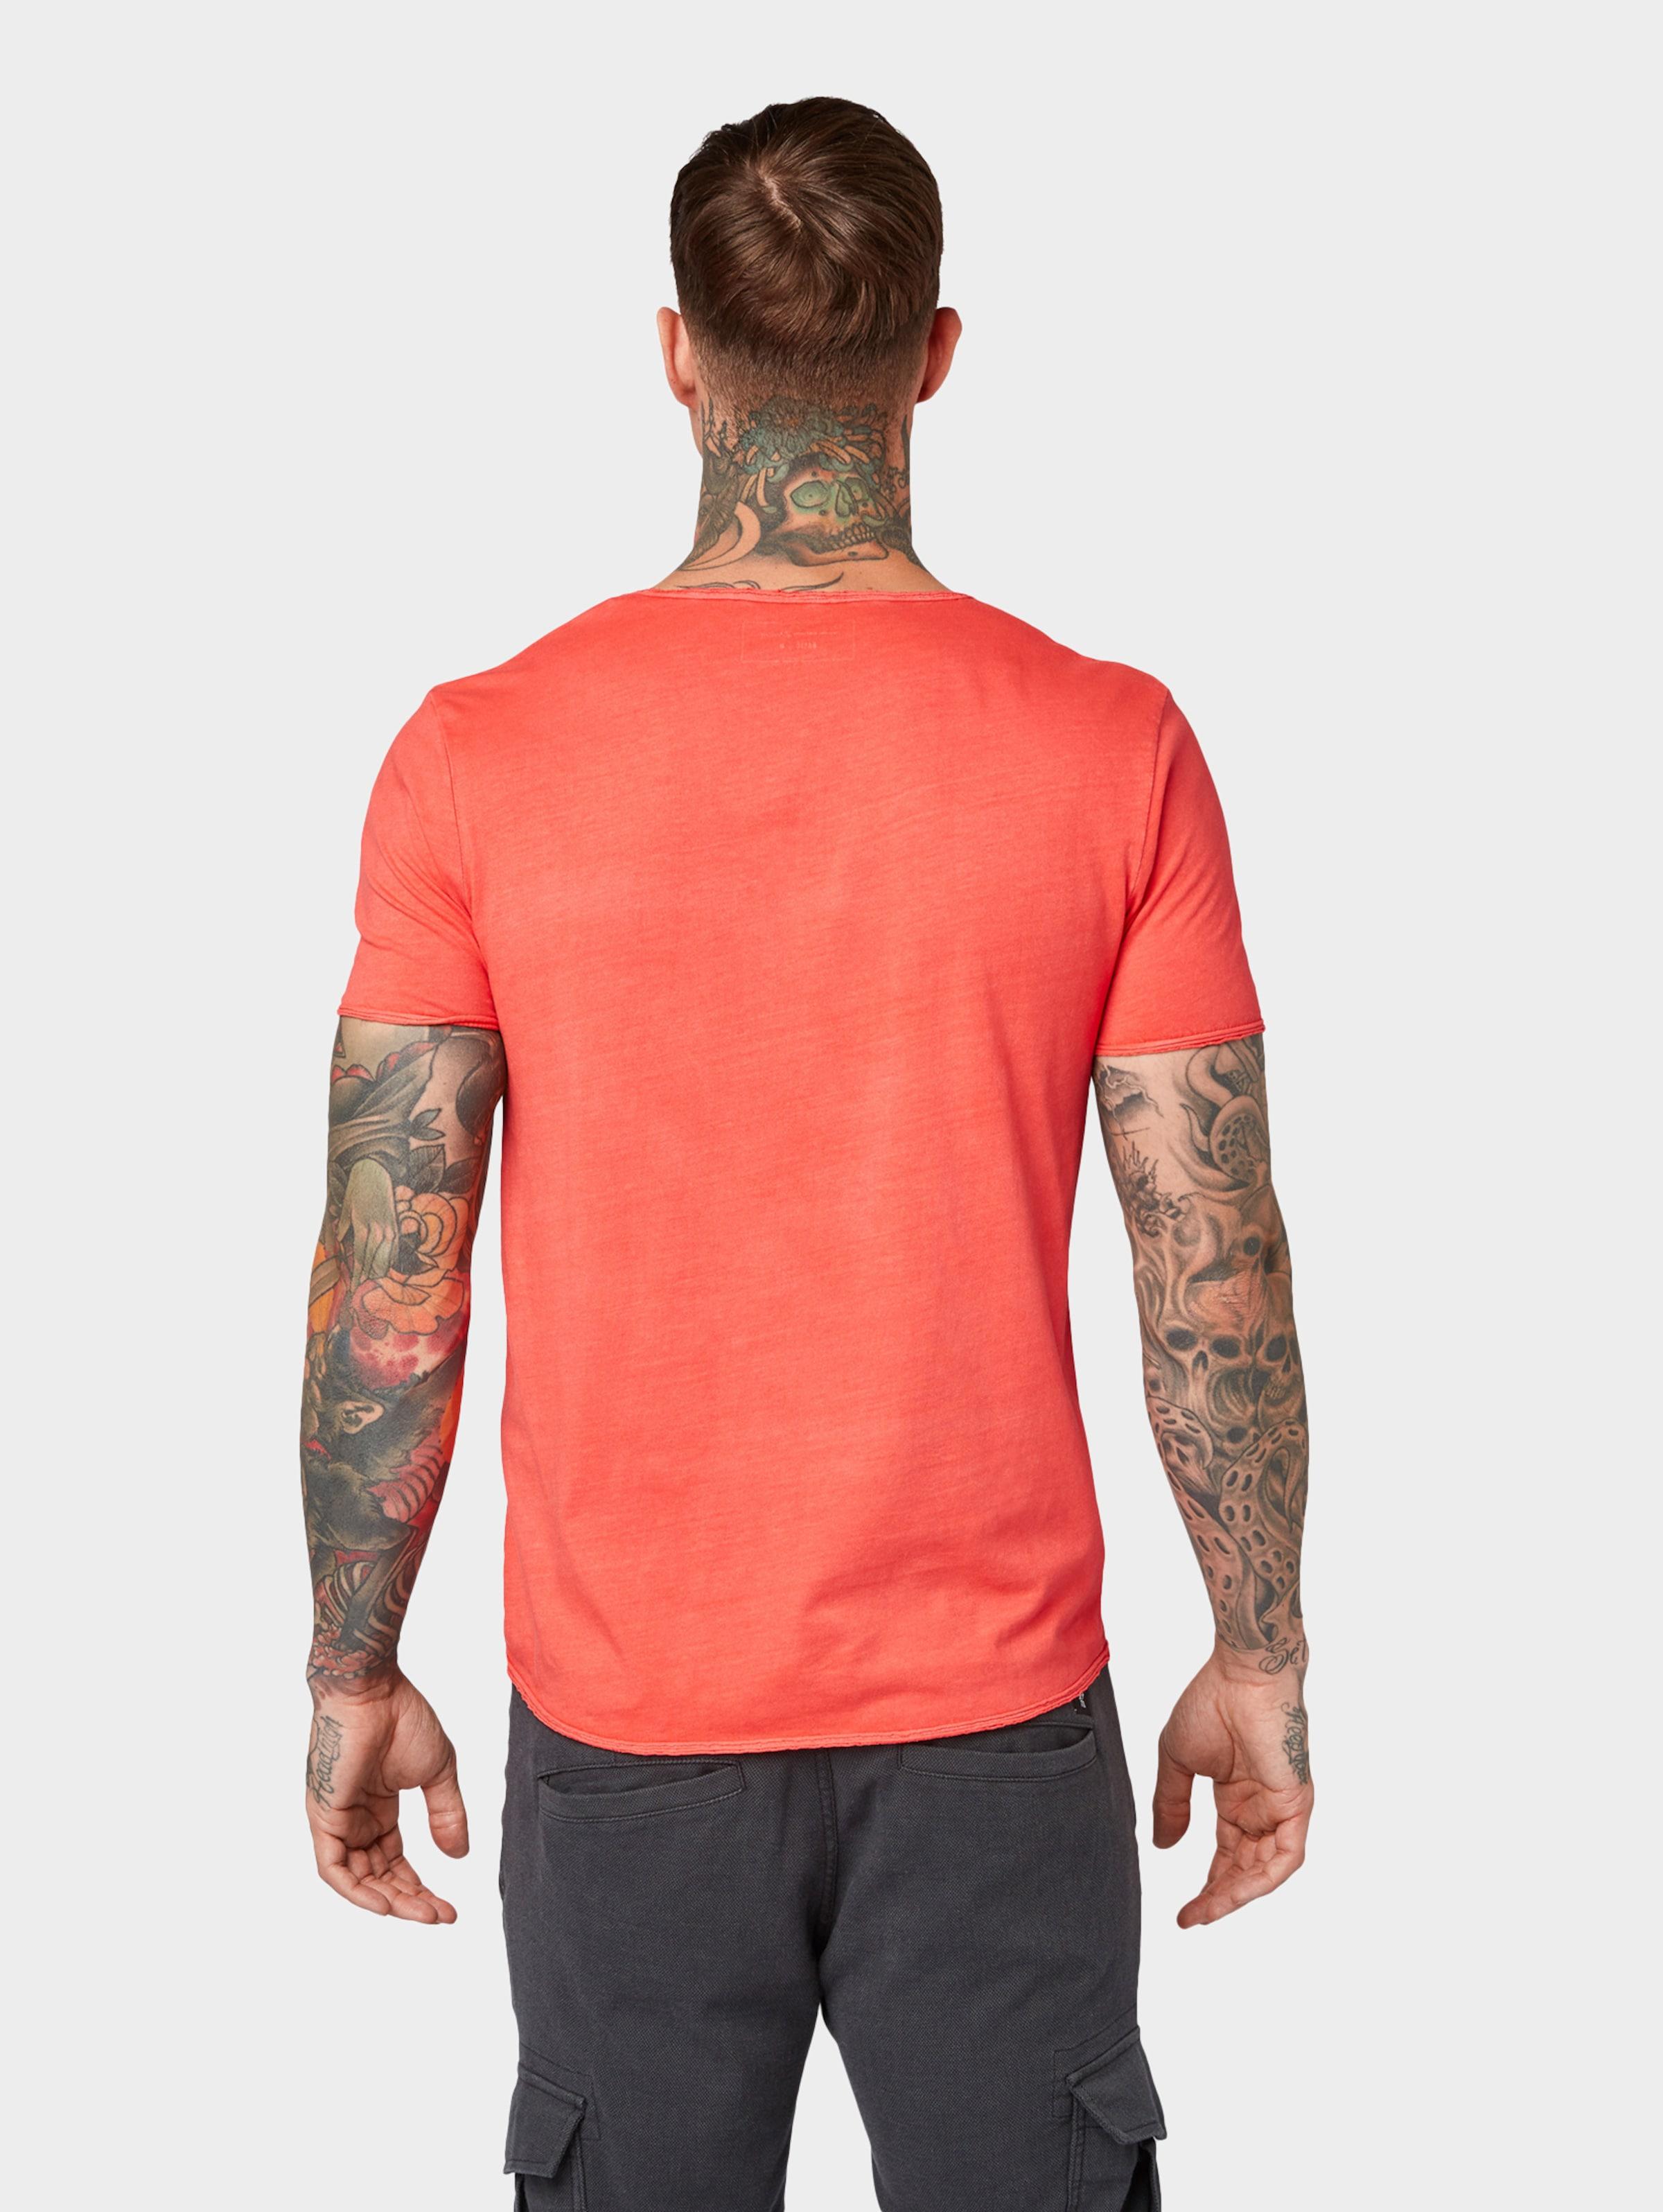 HellrotSchwarz Tailor In Denim Tom T shirt rhCtdxsBQ